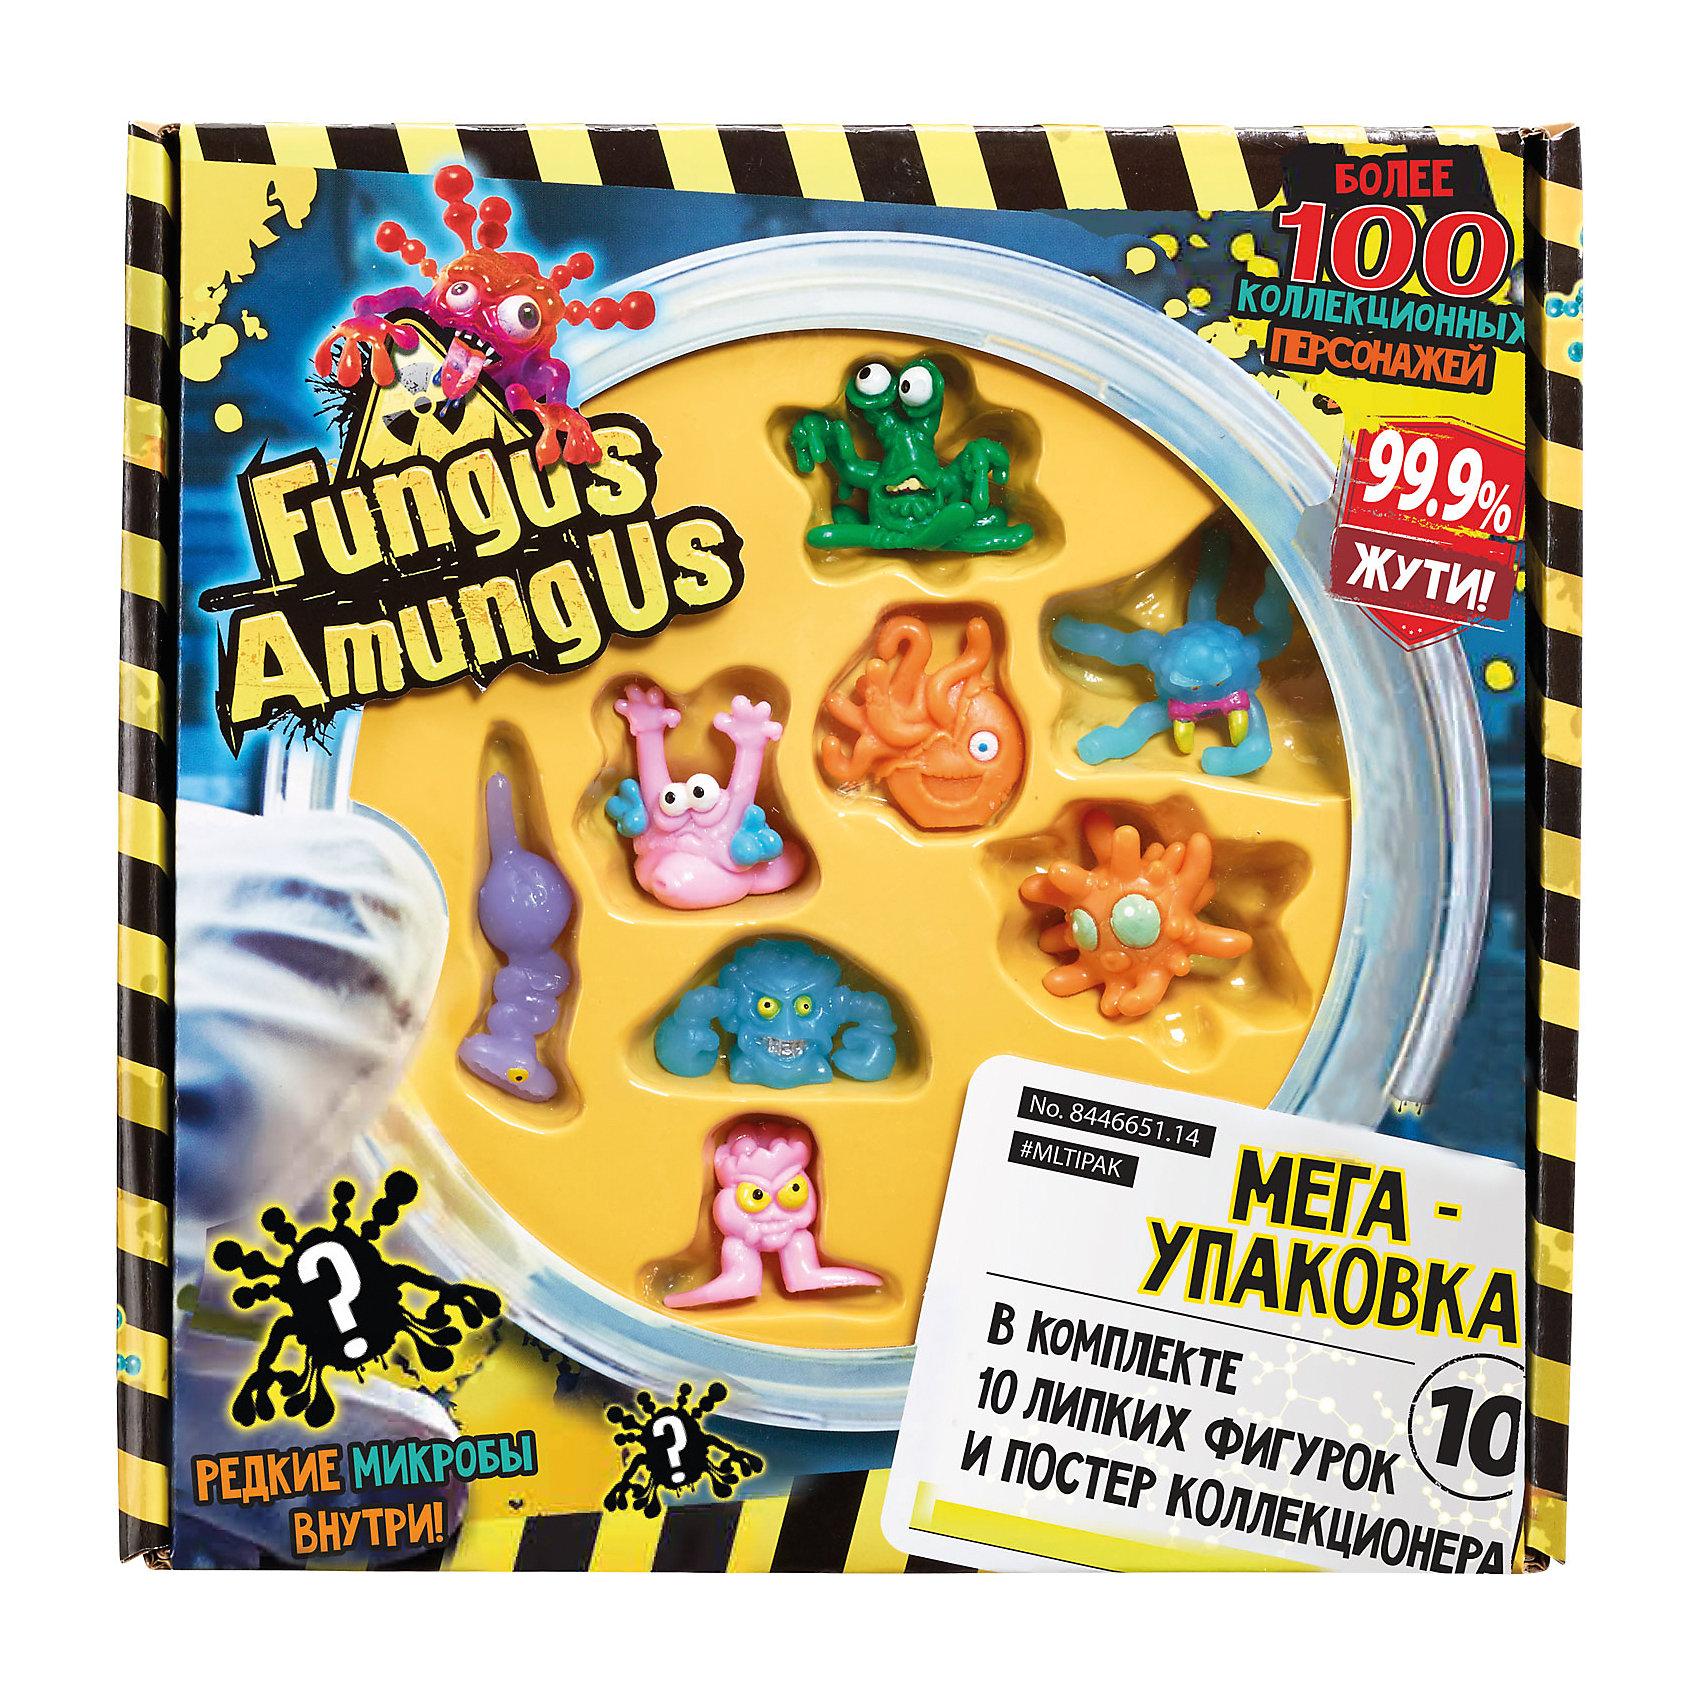 Набор из 10 фигурок микробов Fungus Amungus, VividИгровой набор Fungus Amungus (Фунгус Амунгус) из 10 фигурок микробов от торговой марки Vivid - это замечательное собрание коварных монстров, которые готовы вырваться на свободу и начать устраивать различные шалости! Фигурки выполнены из расплющивающегося, растягивающегося и липкого пластика в ярких цветах. Так, к примеру, можно кинуть какого-нибудь микроба в стену, а он прилипнет к ней и будет сползать вниз! А если смять другого, то он без труда,  вернет себе привычную форму. Не все фигурки можно разглядеть через красочную блистерную упаковку, кто спрятан в коробке, можно узнать только, открыв ее, и это придает процессу коллекционирования больше азарта. Собрав полную коллекцию, юные коллекционеры смогут обмениваться фигурками с друзьями. С этими забавными фигурками будет легко придумать различные игровые сюжеты, развивая тем самым воображение. Микробы Fungus Amungus, помимо своих возможностей, привлекают к себе внимание невероятным внешним видом и расцветкой.<br><br>Дополнительная информация:<br><br>- возраст: от 4 лет<br>- пол: для мальчиков<br>- комплект: 10 липких фигурок, постер коллекционера.<br>-  материал: пластичный пластик.<br>- размер упаковки: 27 * 24 * 15 см.<br>- размер одной фигурки: около 3.5 см.<br>- вес: 0.5 кг.<br>- упаковка: картонная коробка.<br>- бренд: Vivid<br>- страна обладатель бренда: Великобритания.<br><br>Набор из 10 фигурок микробов Fungus Amungus,  торговой марки Vivid  можно купить в нашем интернет-магазине<br><br>Ширина мм: 223<br>Глубина мм: 223<br>Высота мм: 45<br>Вес г: 240<br>Возраст от месяцев: 48<br>Возраст до месяцев: 144<br>Пол: Мужской<br>Возраст: Детский<br>SKU: 4964024